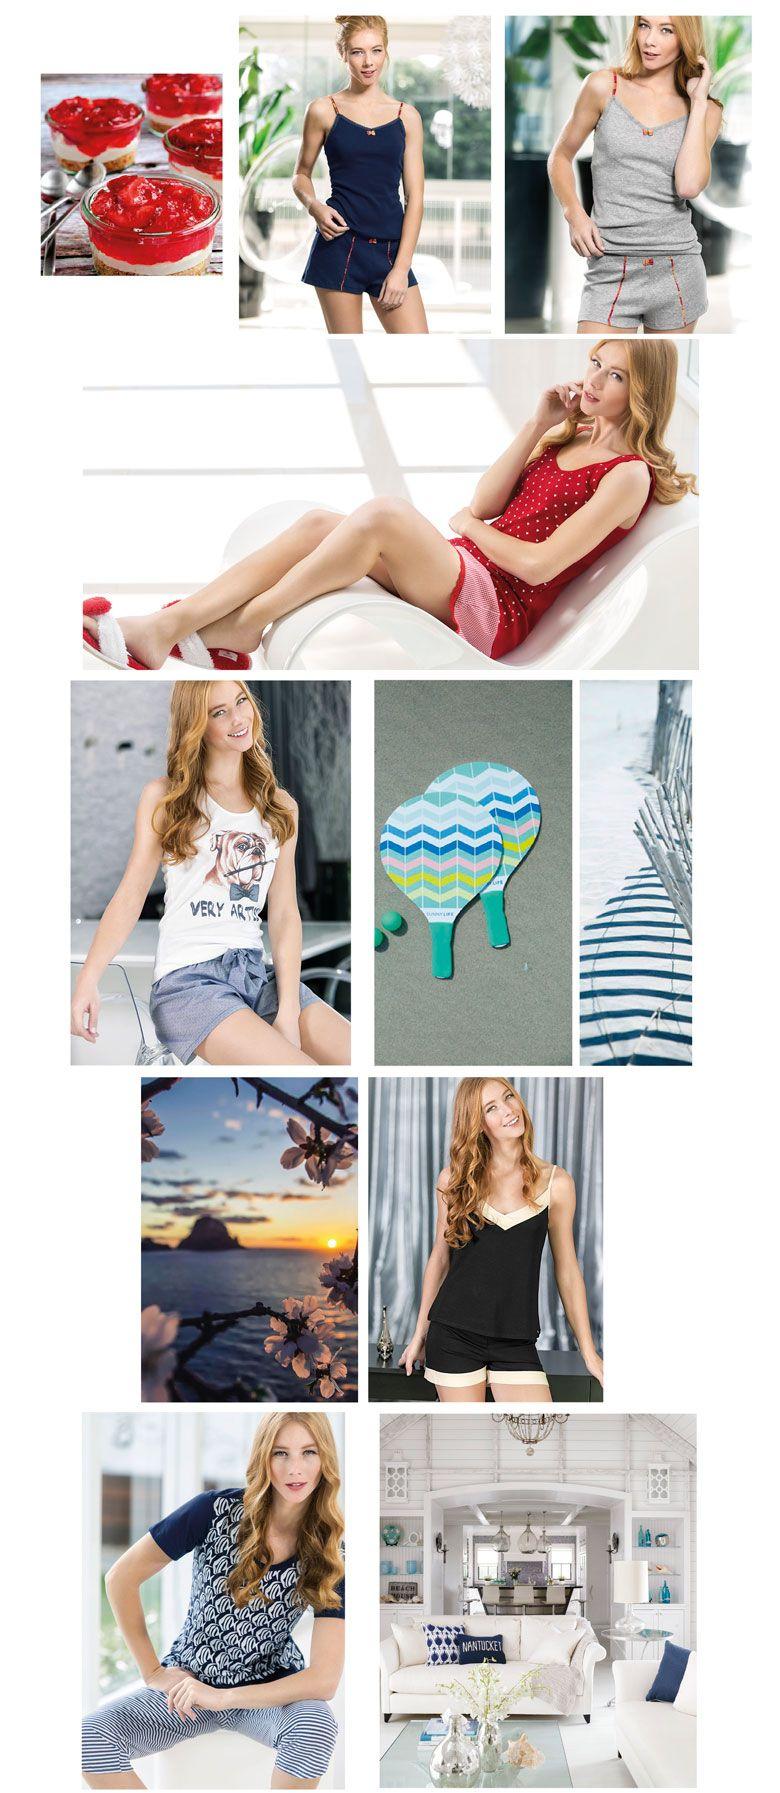 #Sleepwear #Fashion #Summer